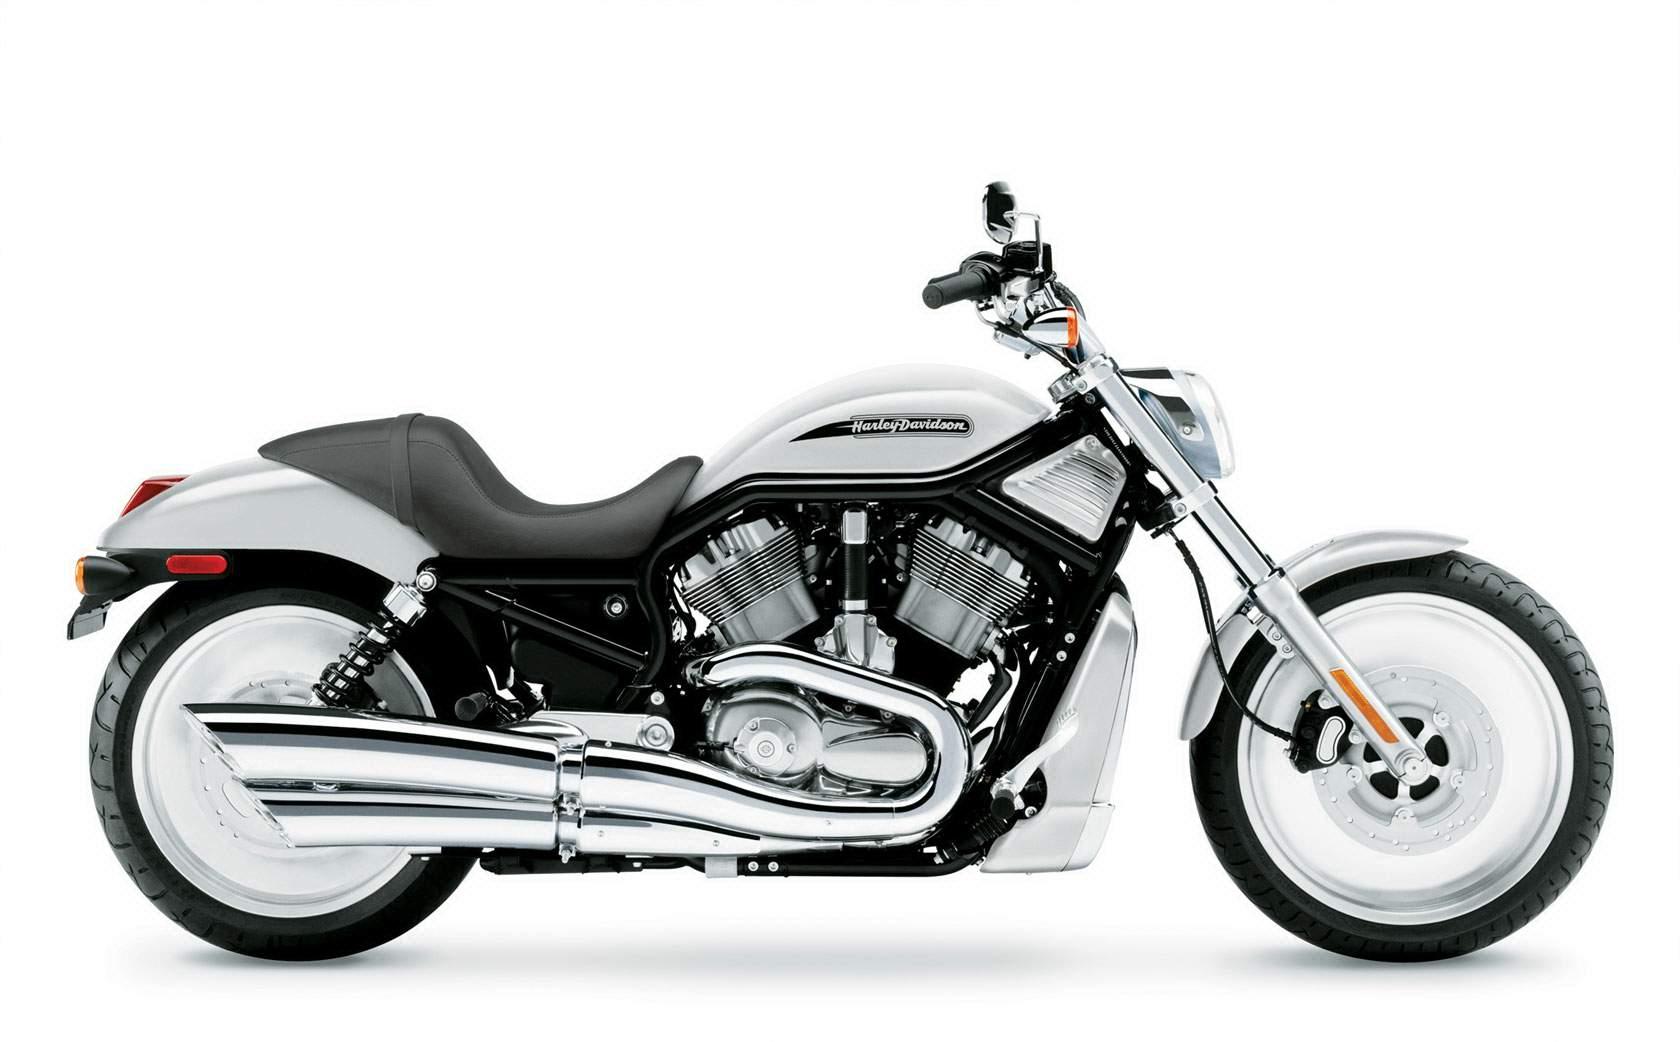 Ficha Tecnica Da Harley Davidson V Rod Vrscb 2004 A 2005